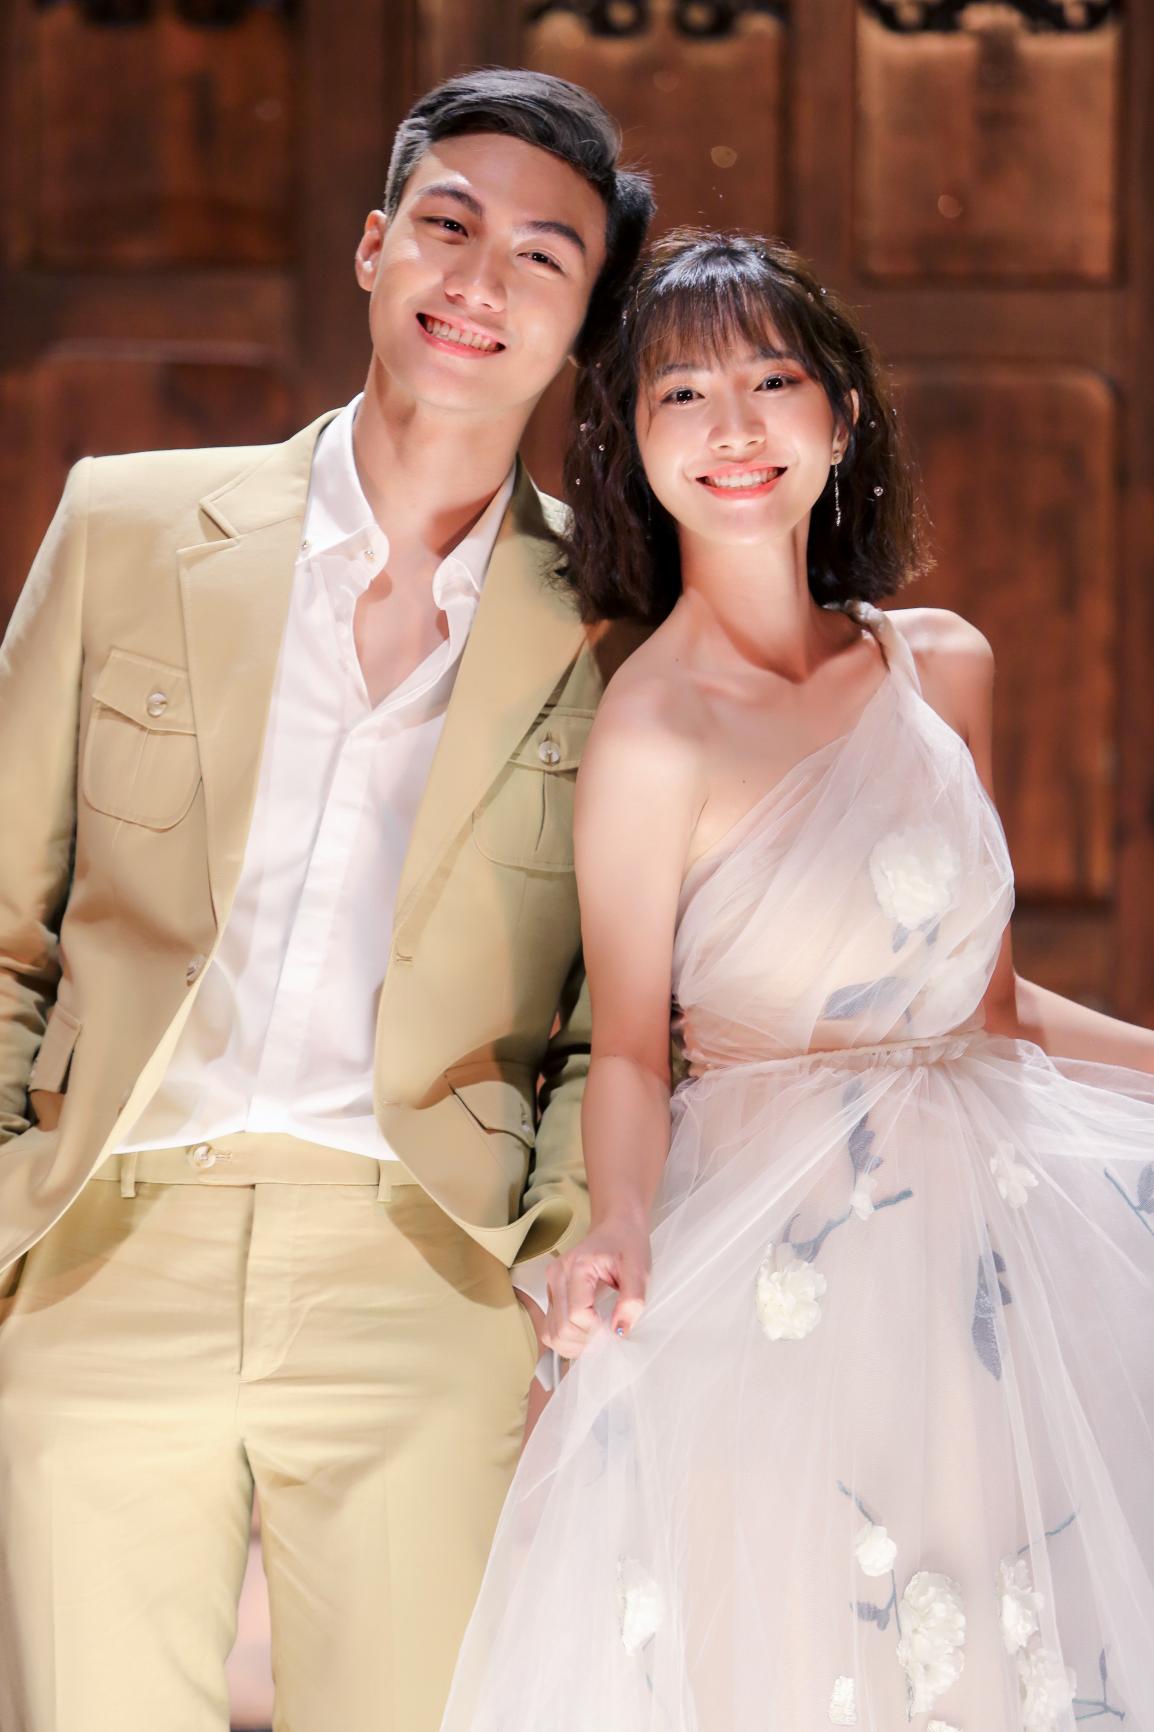 Jang Mi phiền lòng vì crush quá đào hoa và phũ phàng từ chối tình cảm của mình trong MV mới ra mắt